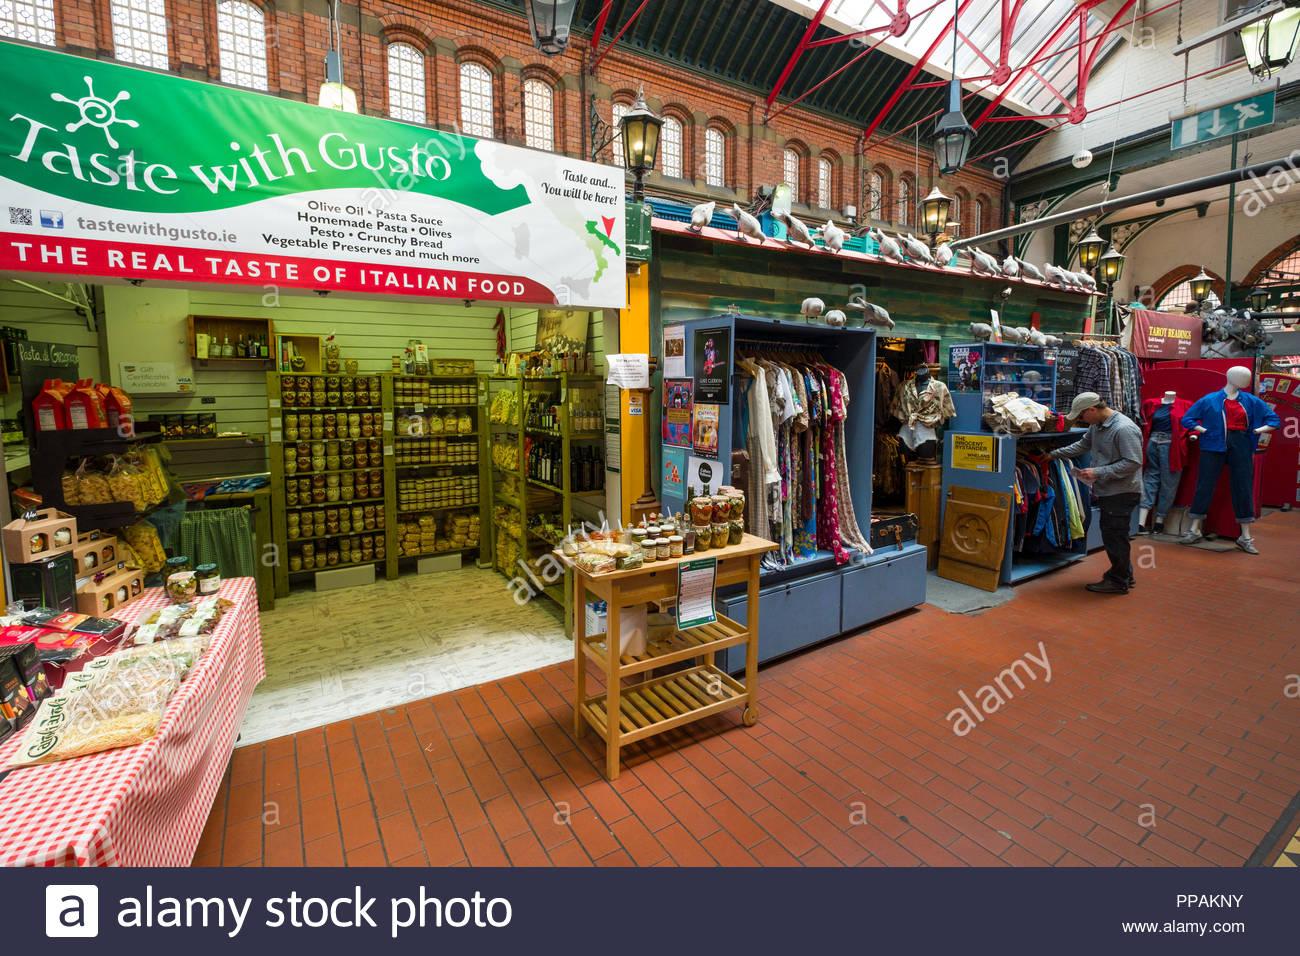 Geschmack mit Gusto und Kleidung stand in George's Street Arcade, Dublin, Leinster, Irland Stockbild